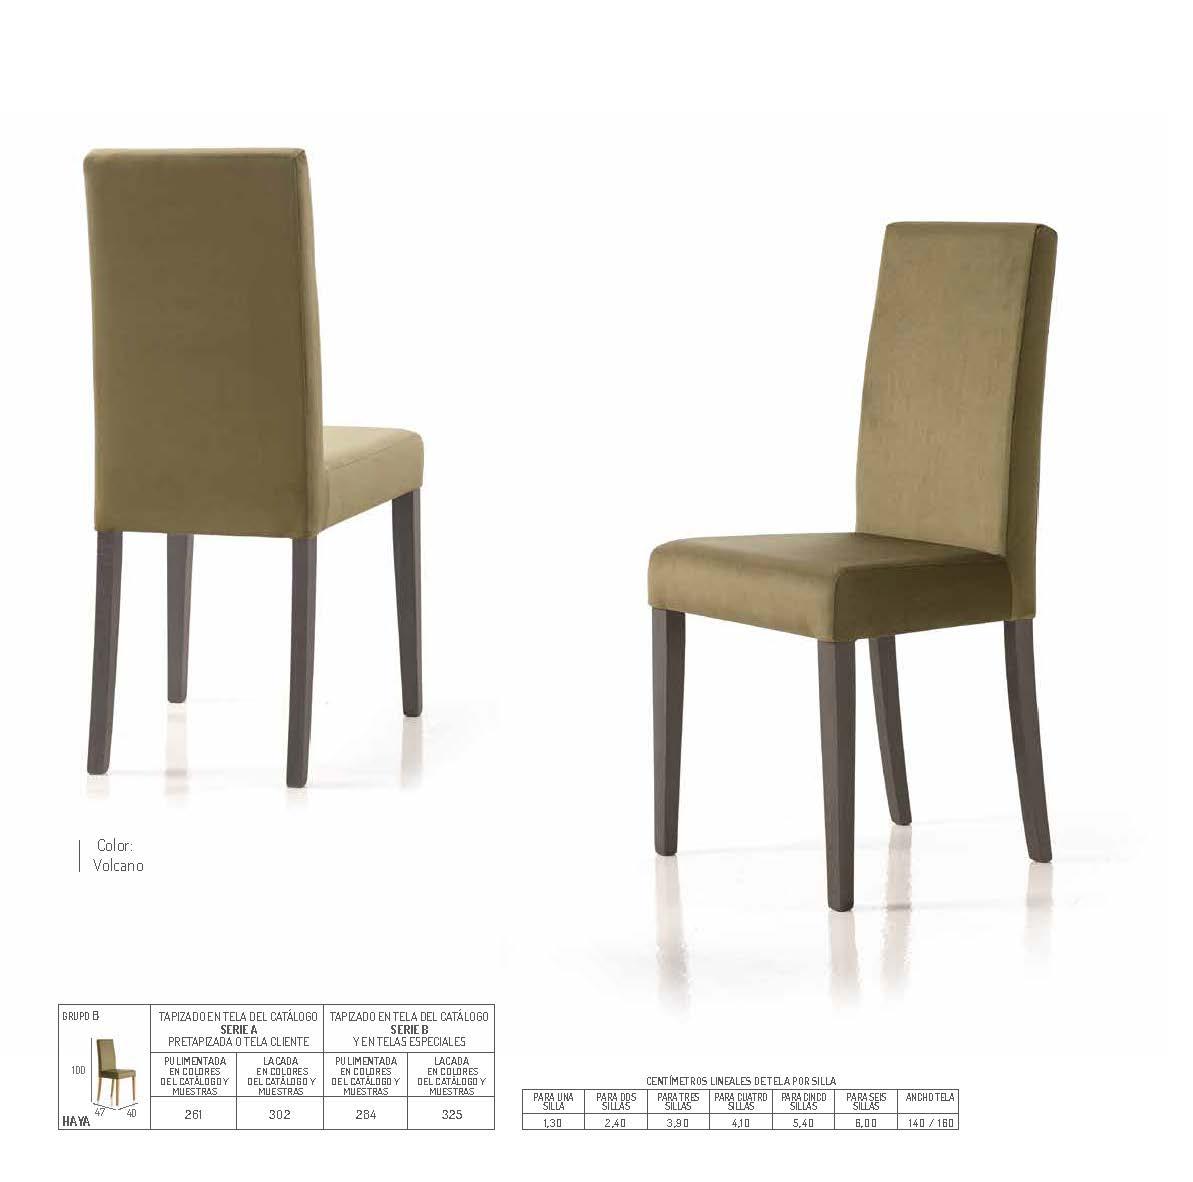 Ficha técnica de sillas de comedor 14f-0018